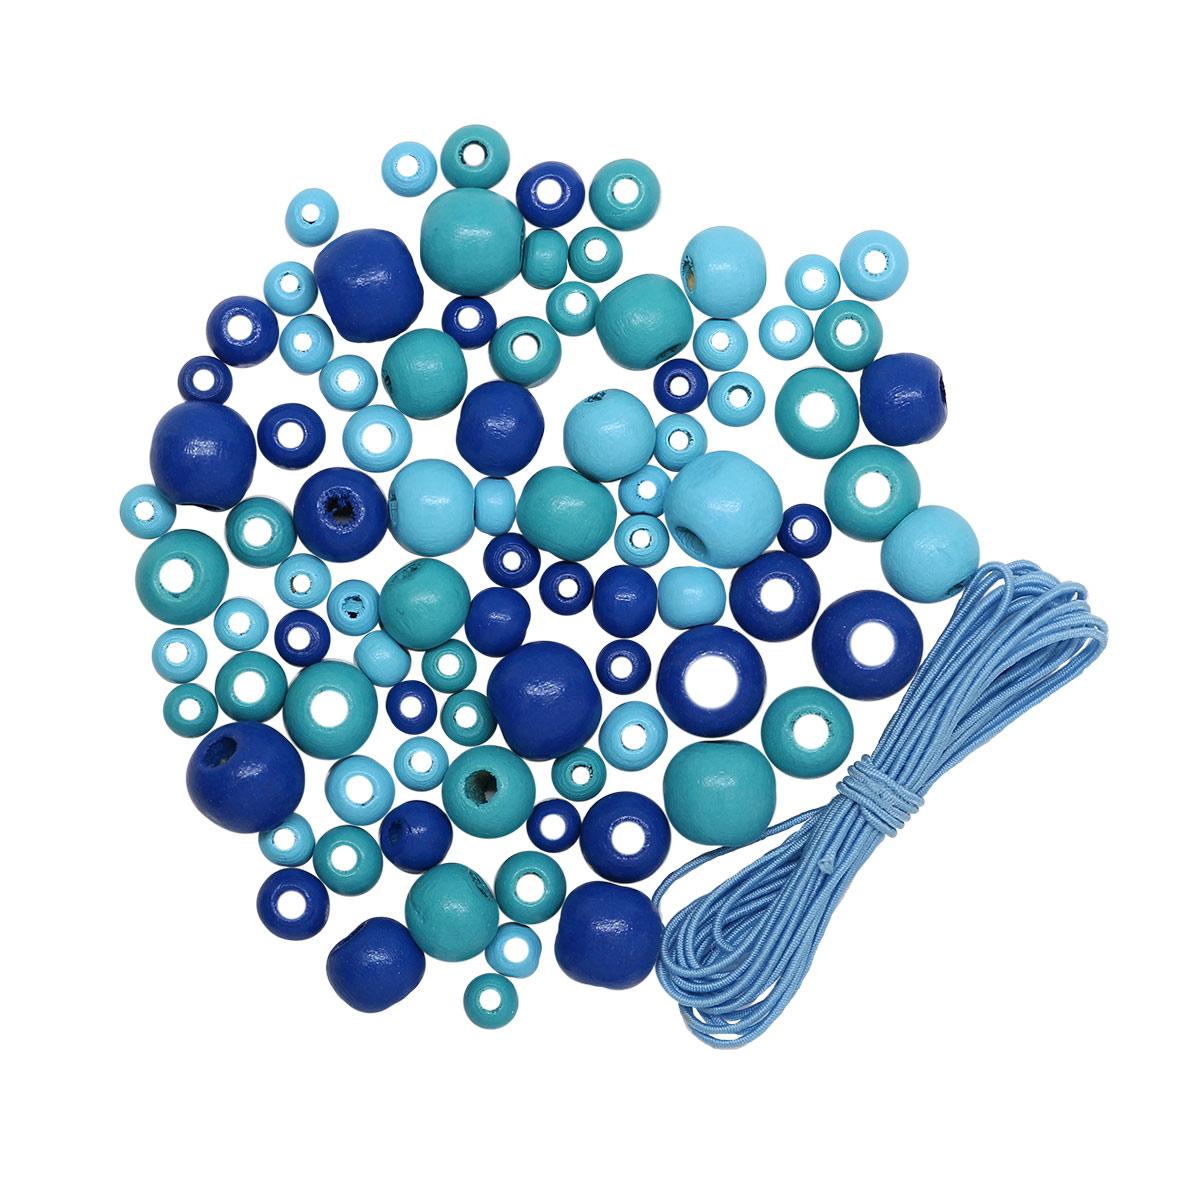 160815 Набор деревянных бусин со шнуром, голубой микс, 6,8,10,12мм, 90шт/упак, Астра.